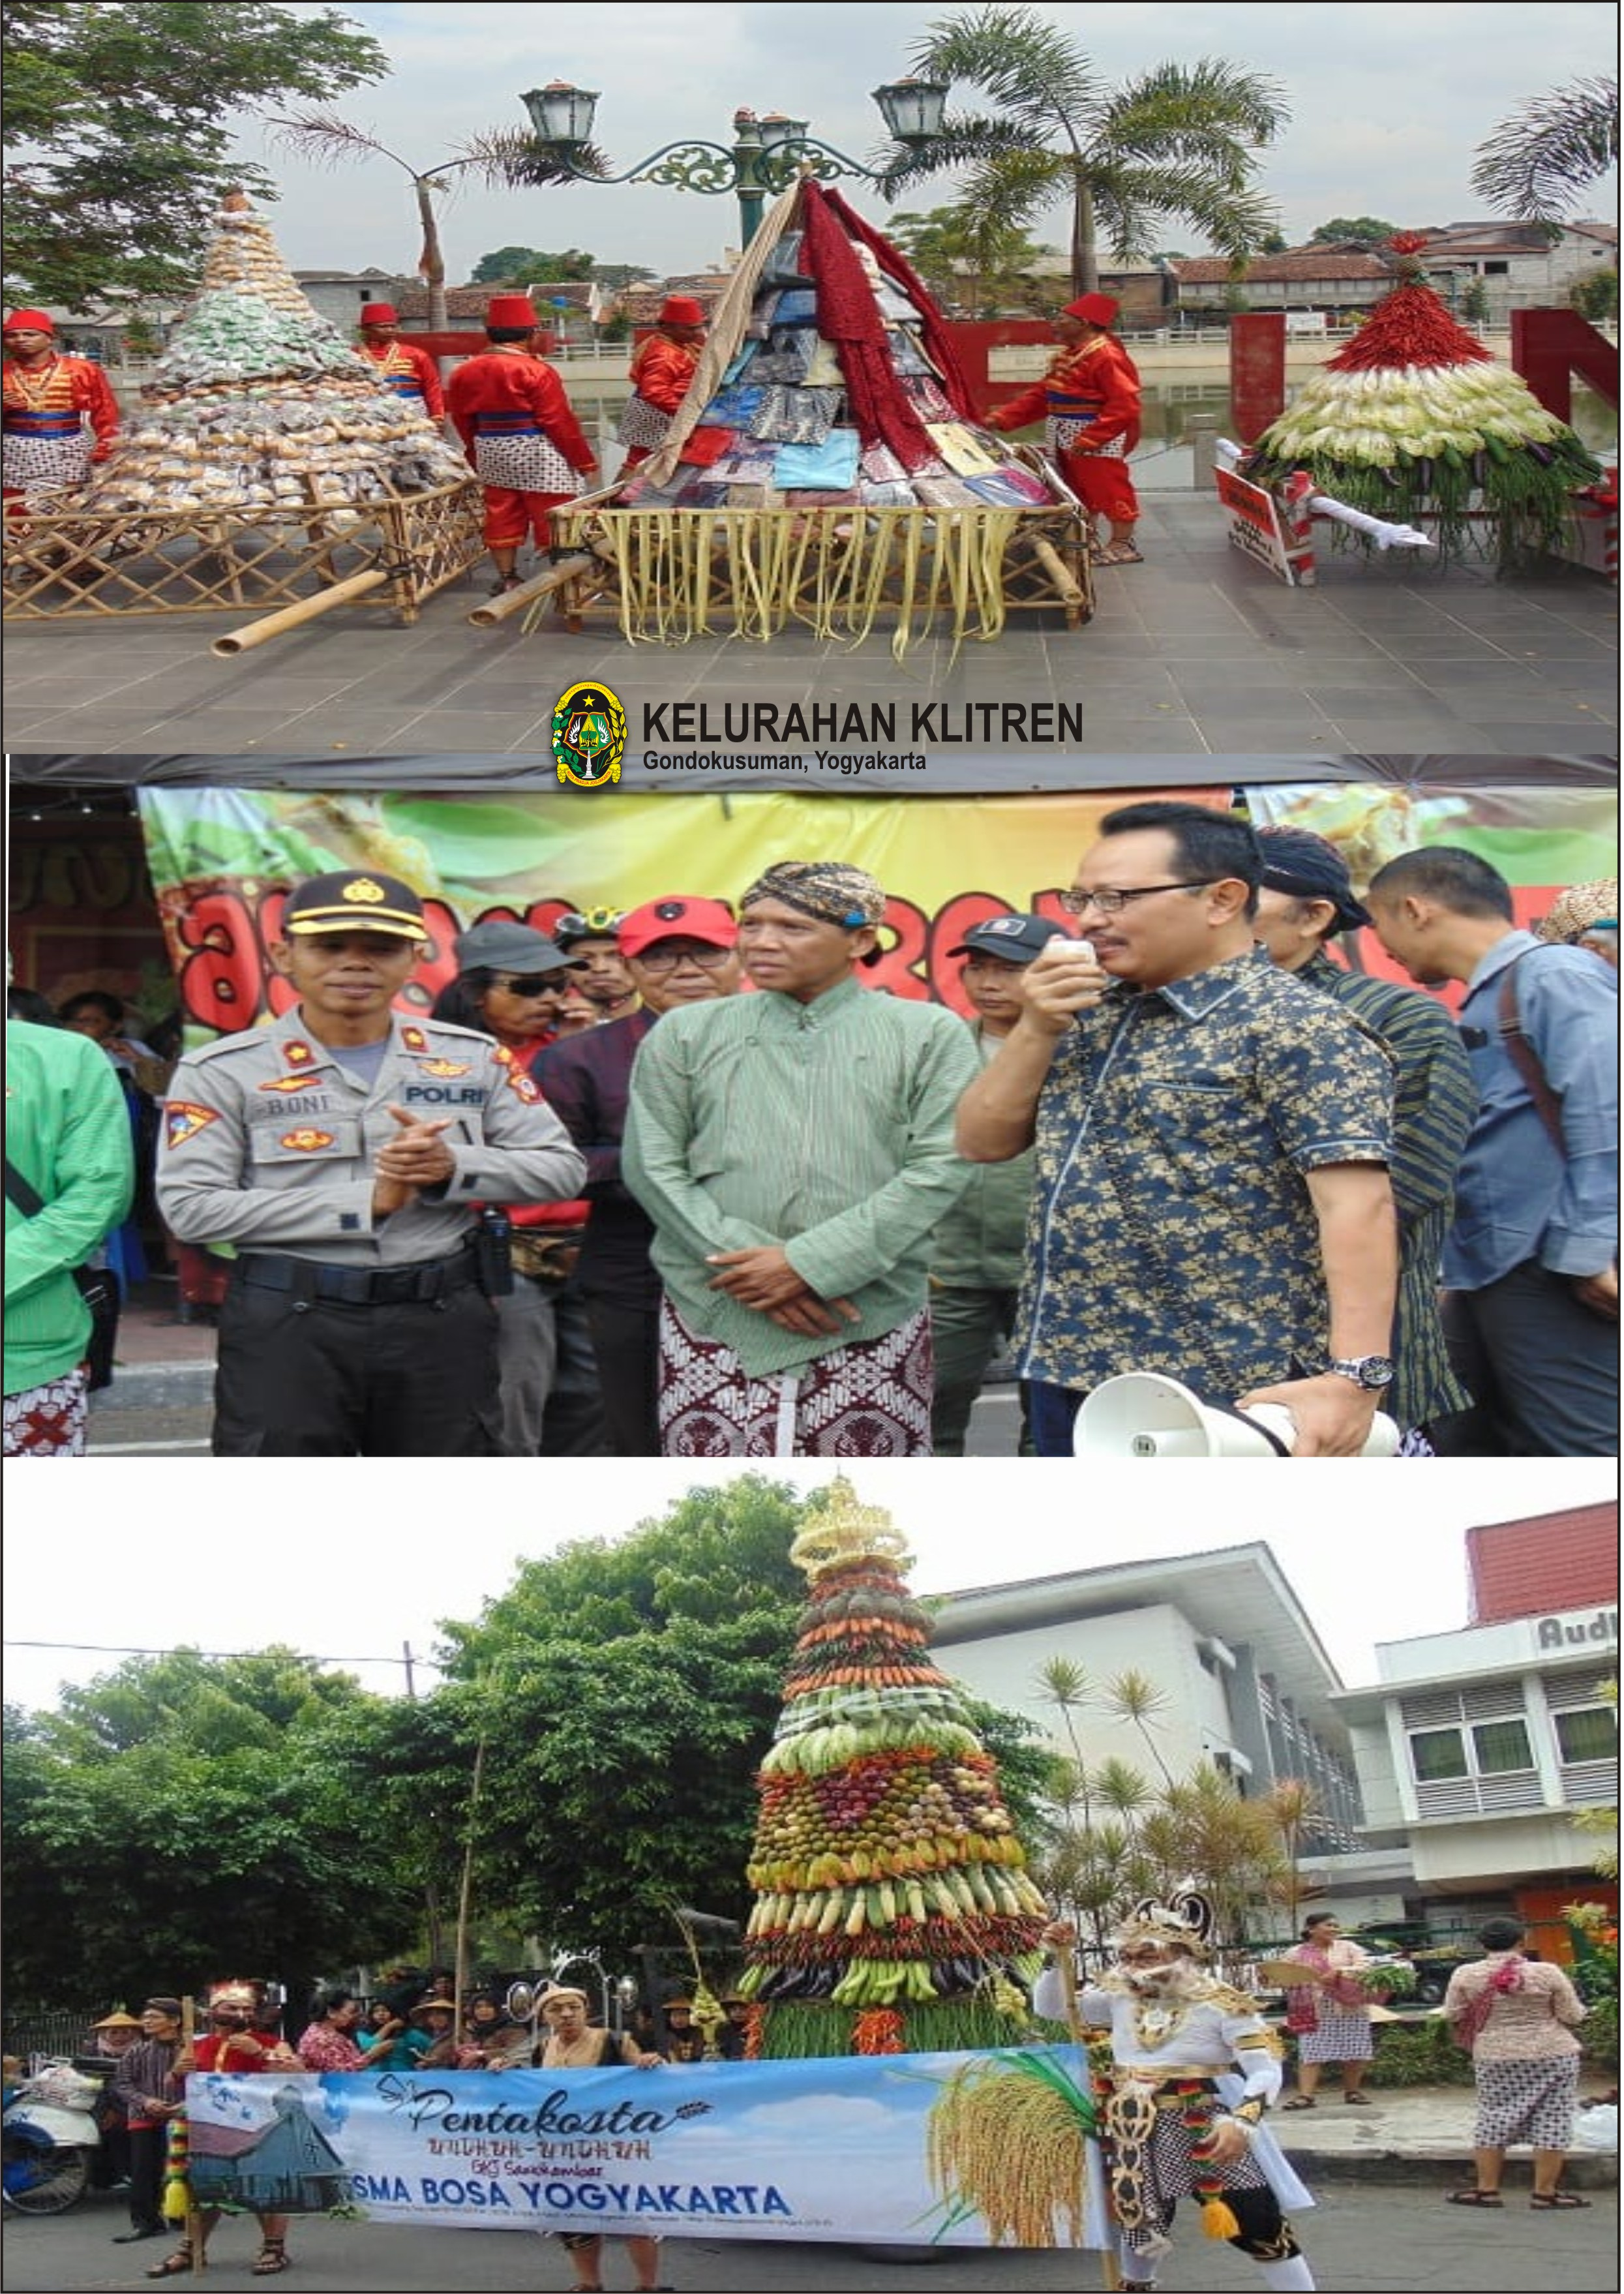 Gelar Budaya Unduh-Unduh Kelurahan Klitren Tahun 2019